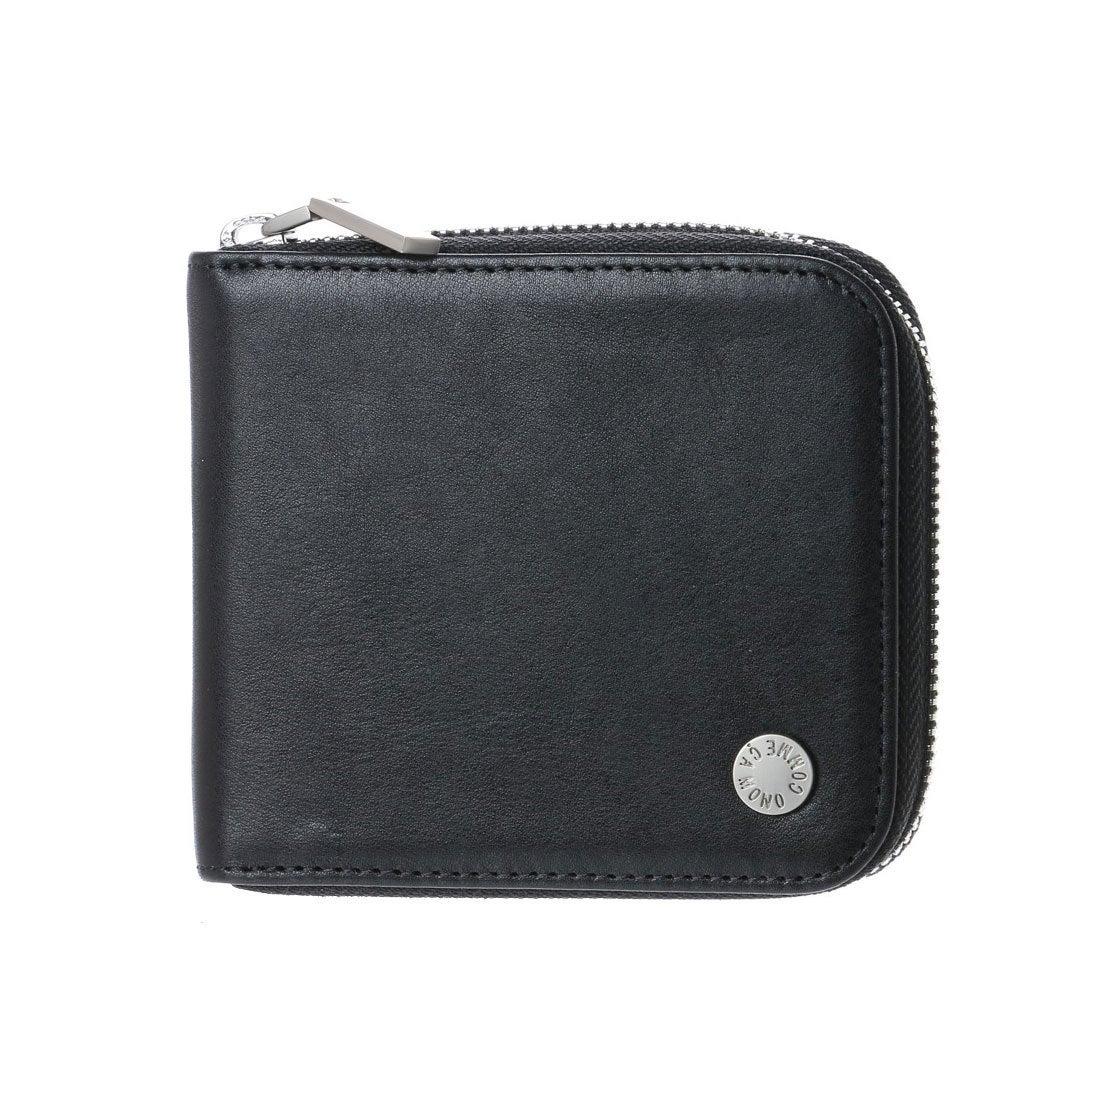 b4cc097715ed コムサイズム COMME CA ISM MONOラウンドファスナー2つ折り財布 (ブラック) -靴&ファッション通販 ロコンド〜自宅で試着、気軽に返品